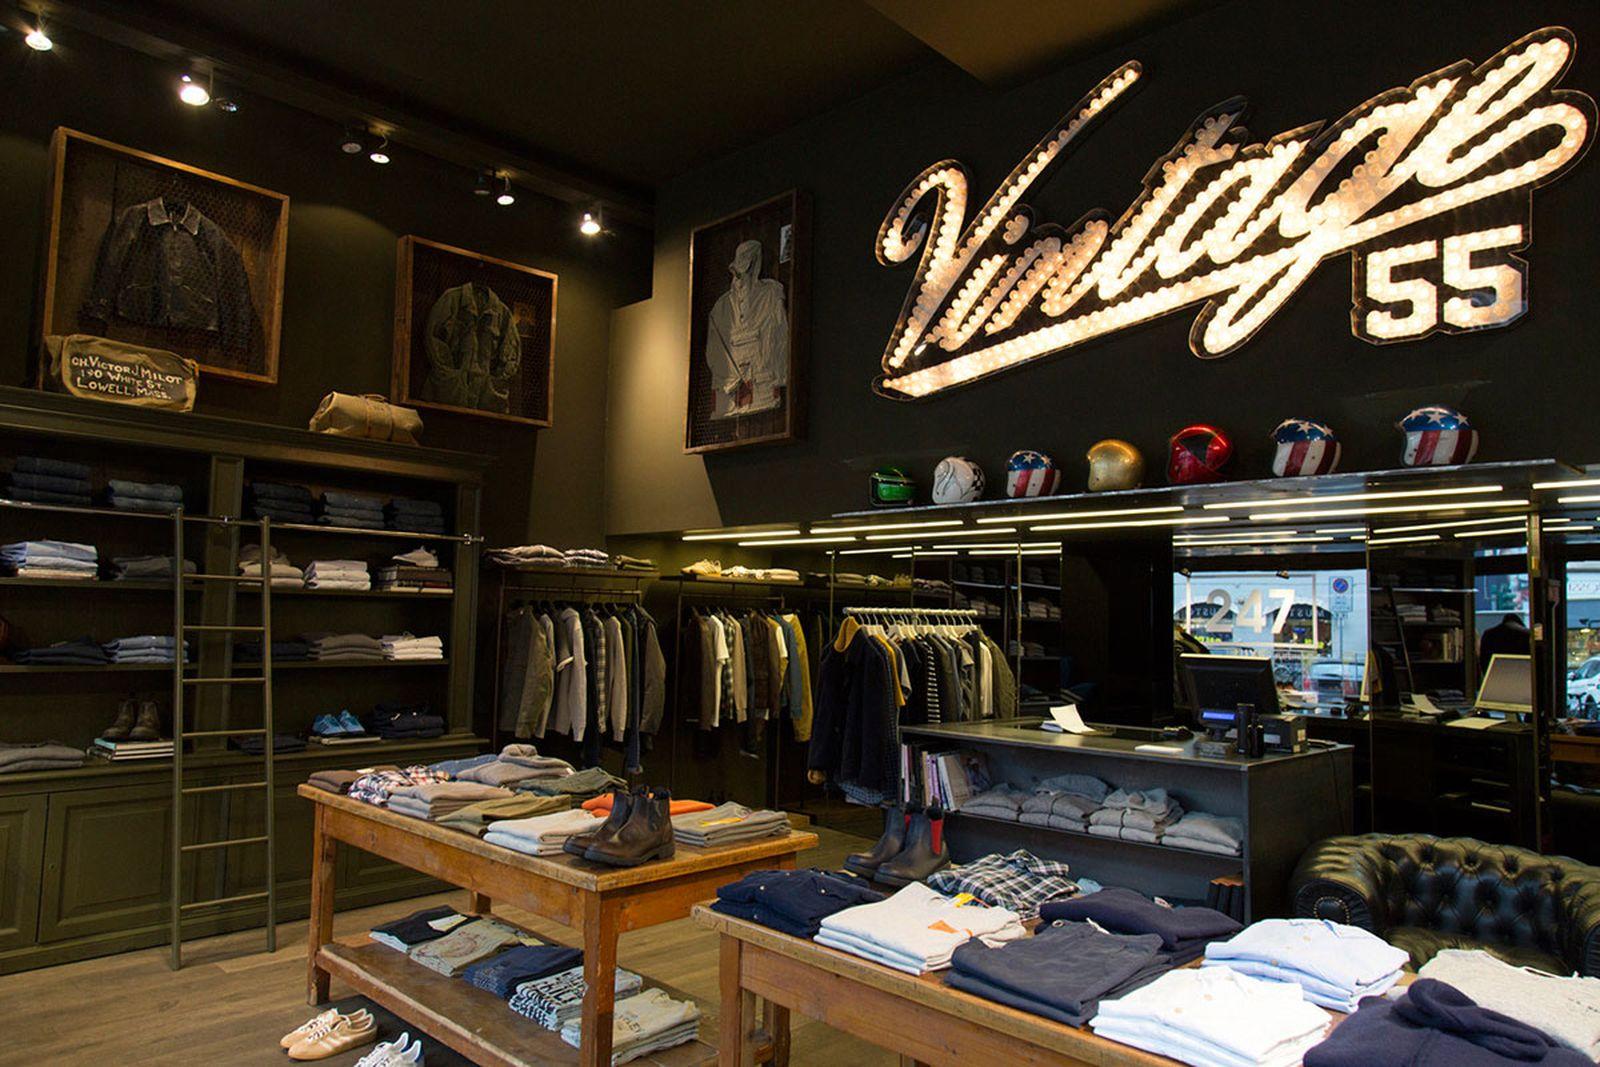 milan-shopping-guide-vintage-55-1